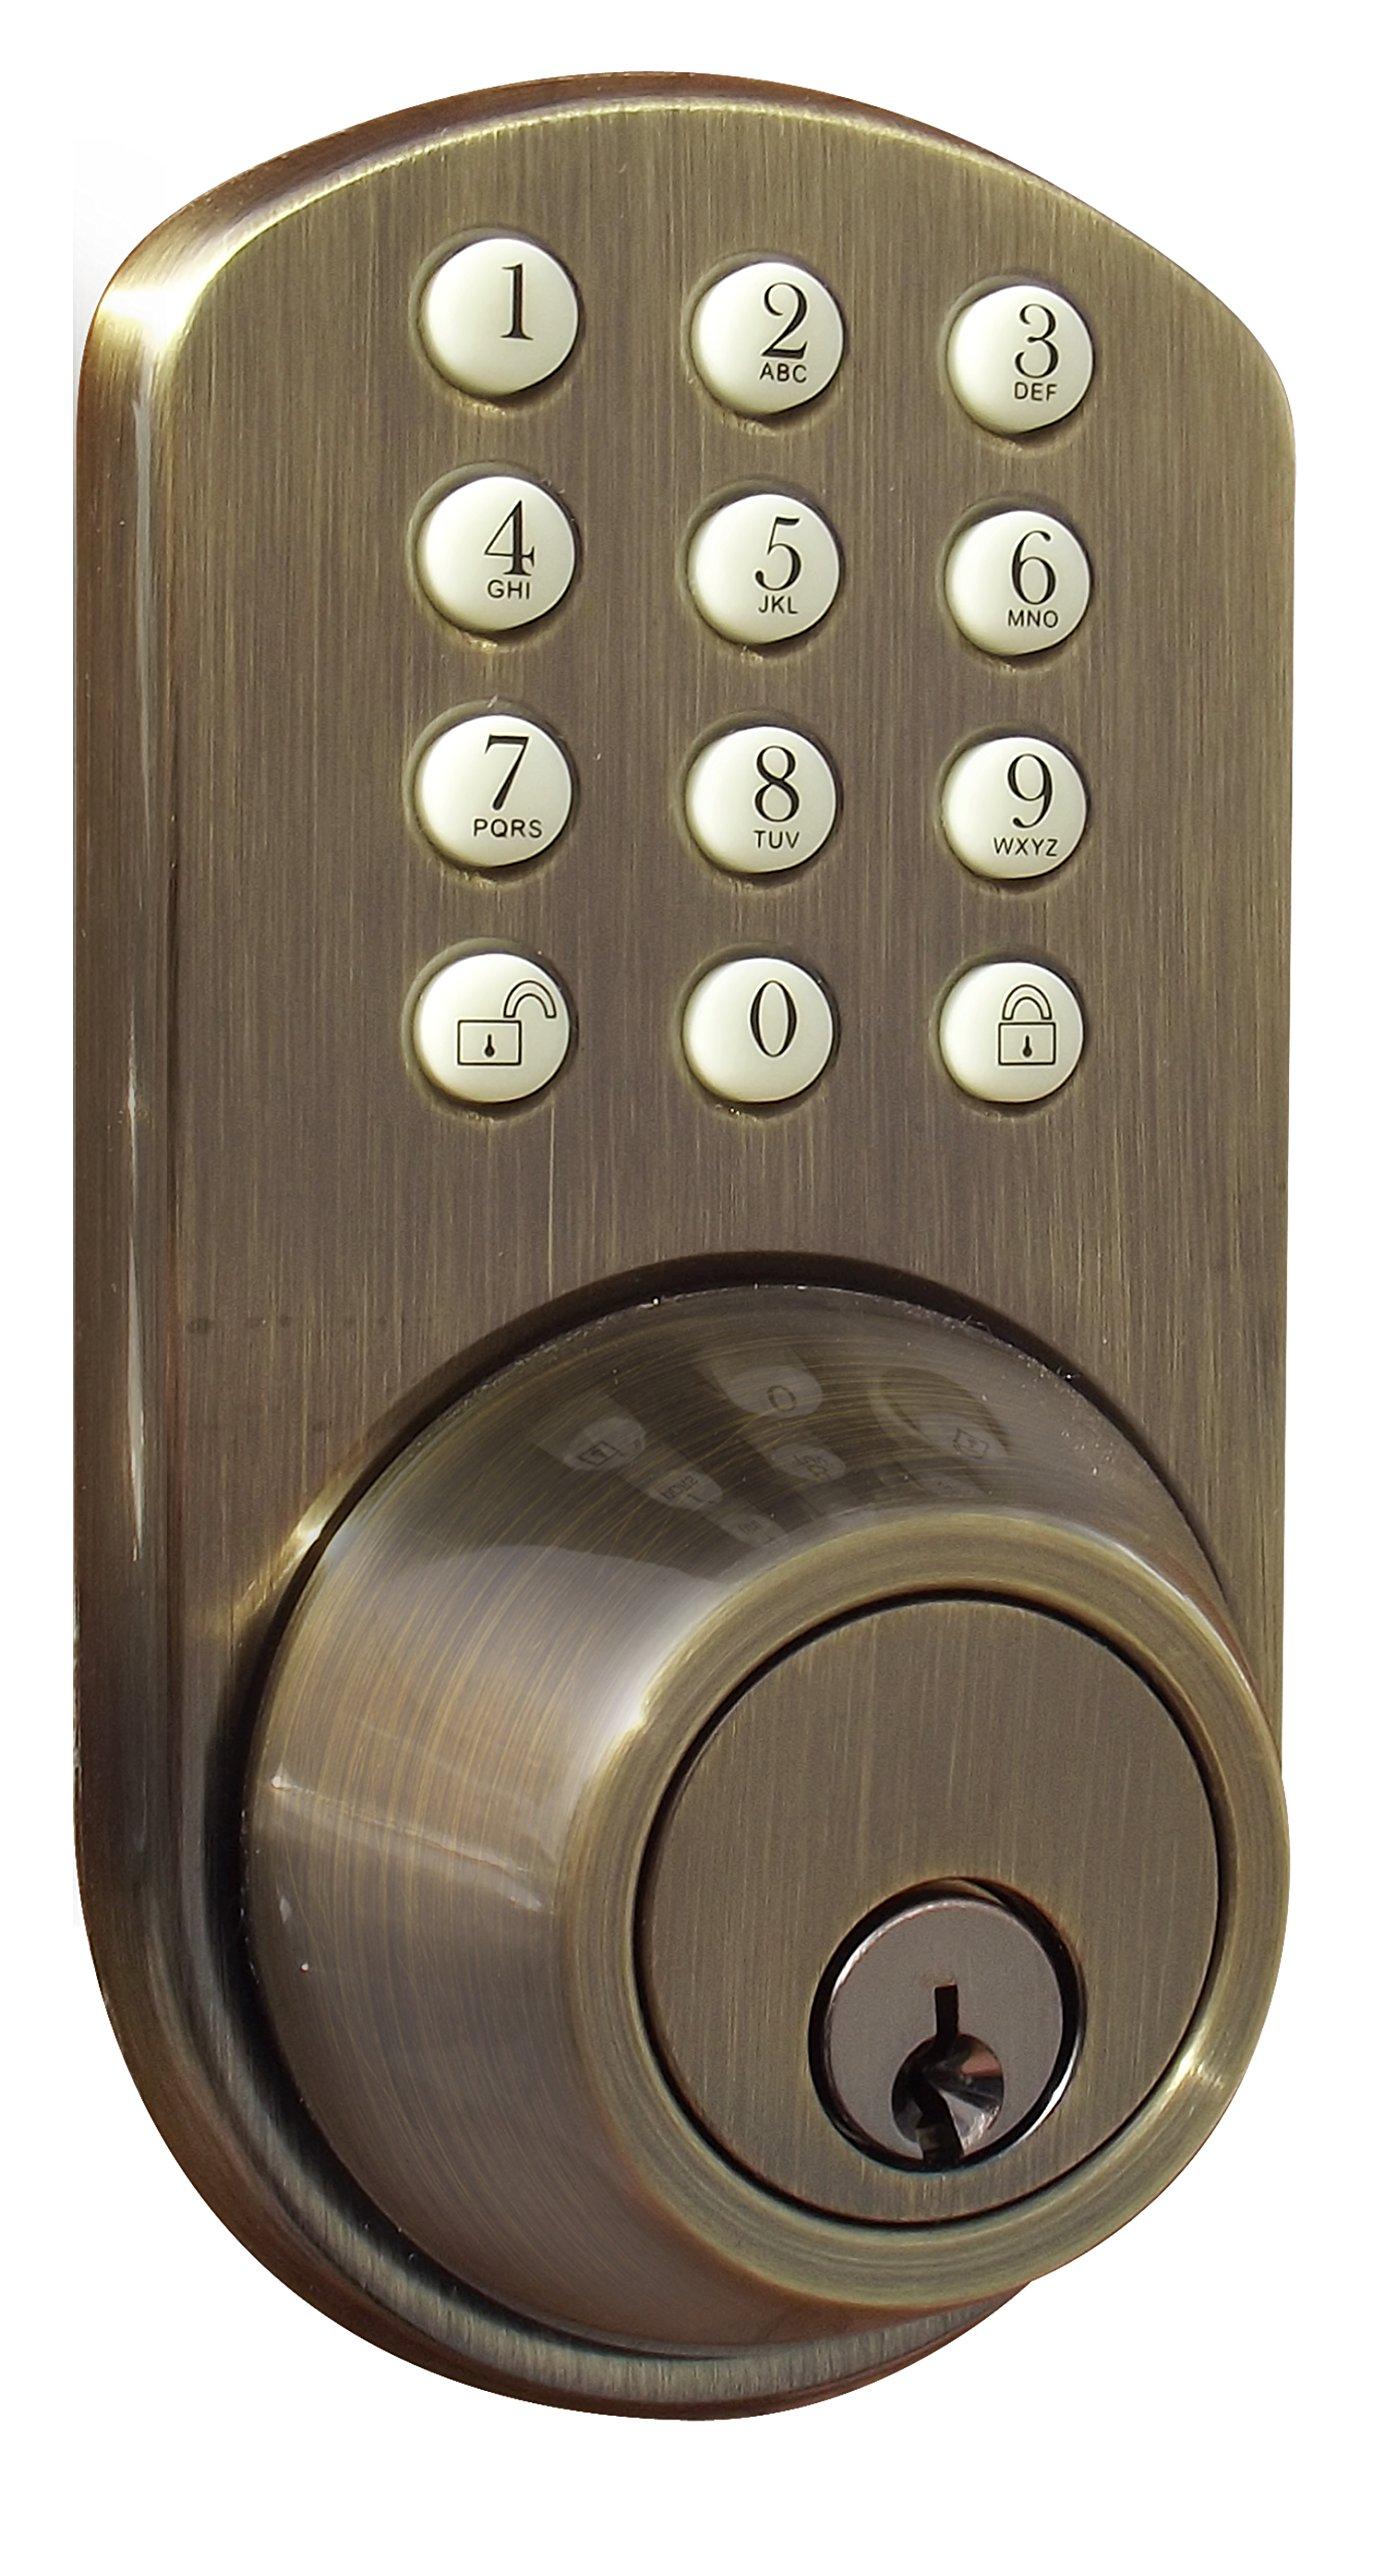 MiLocks TF-02AQ Digital Deadbolt Door Lock with Electronic Keypad for Exterior Doors, Antique Brass